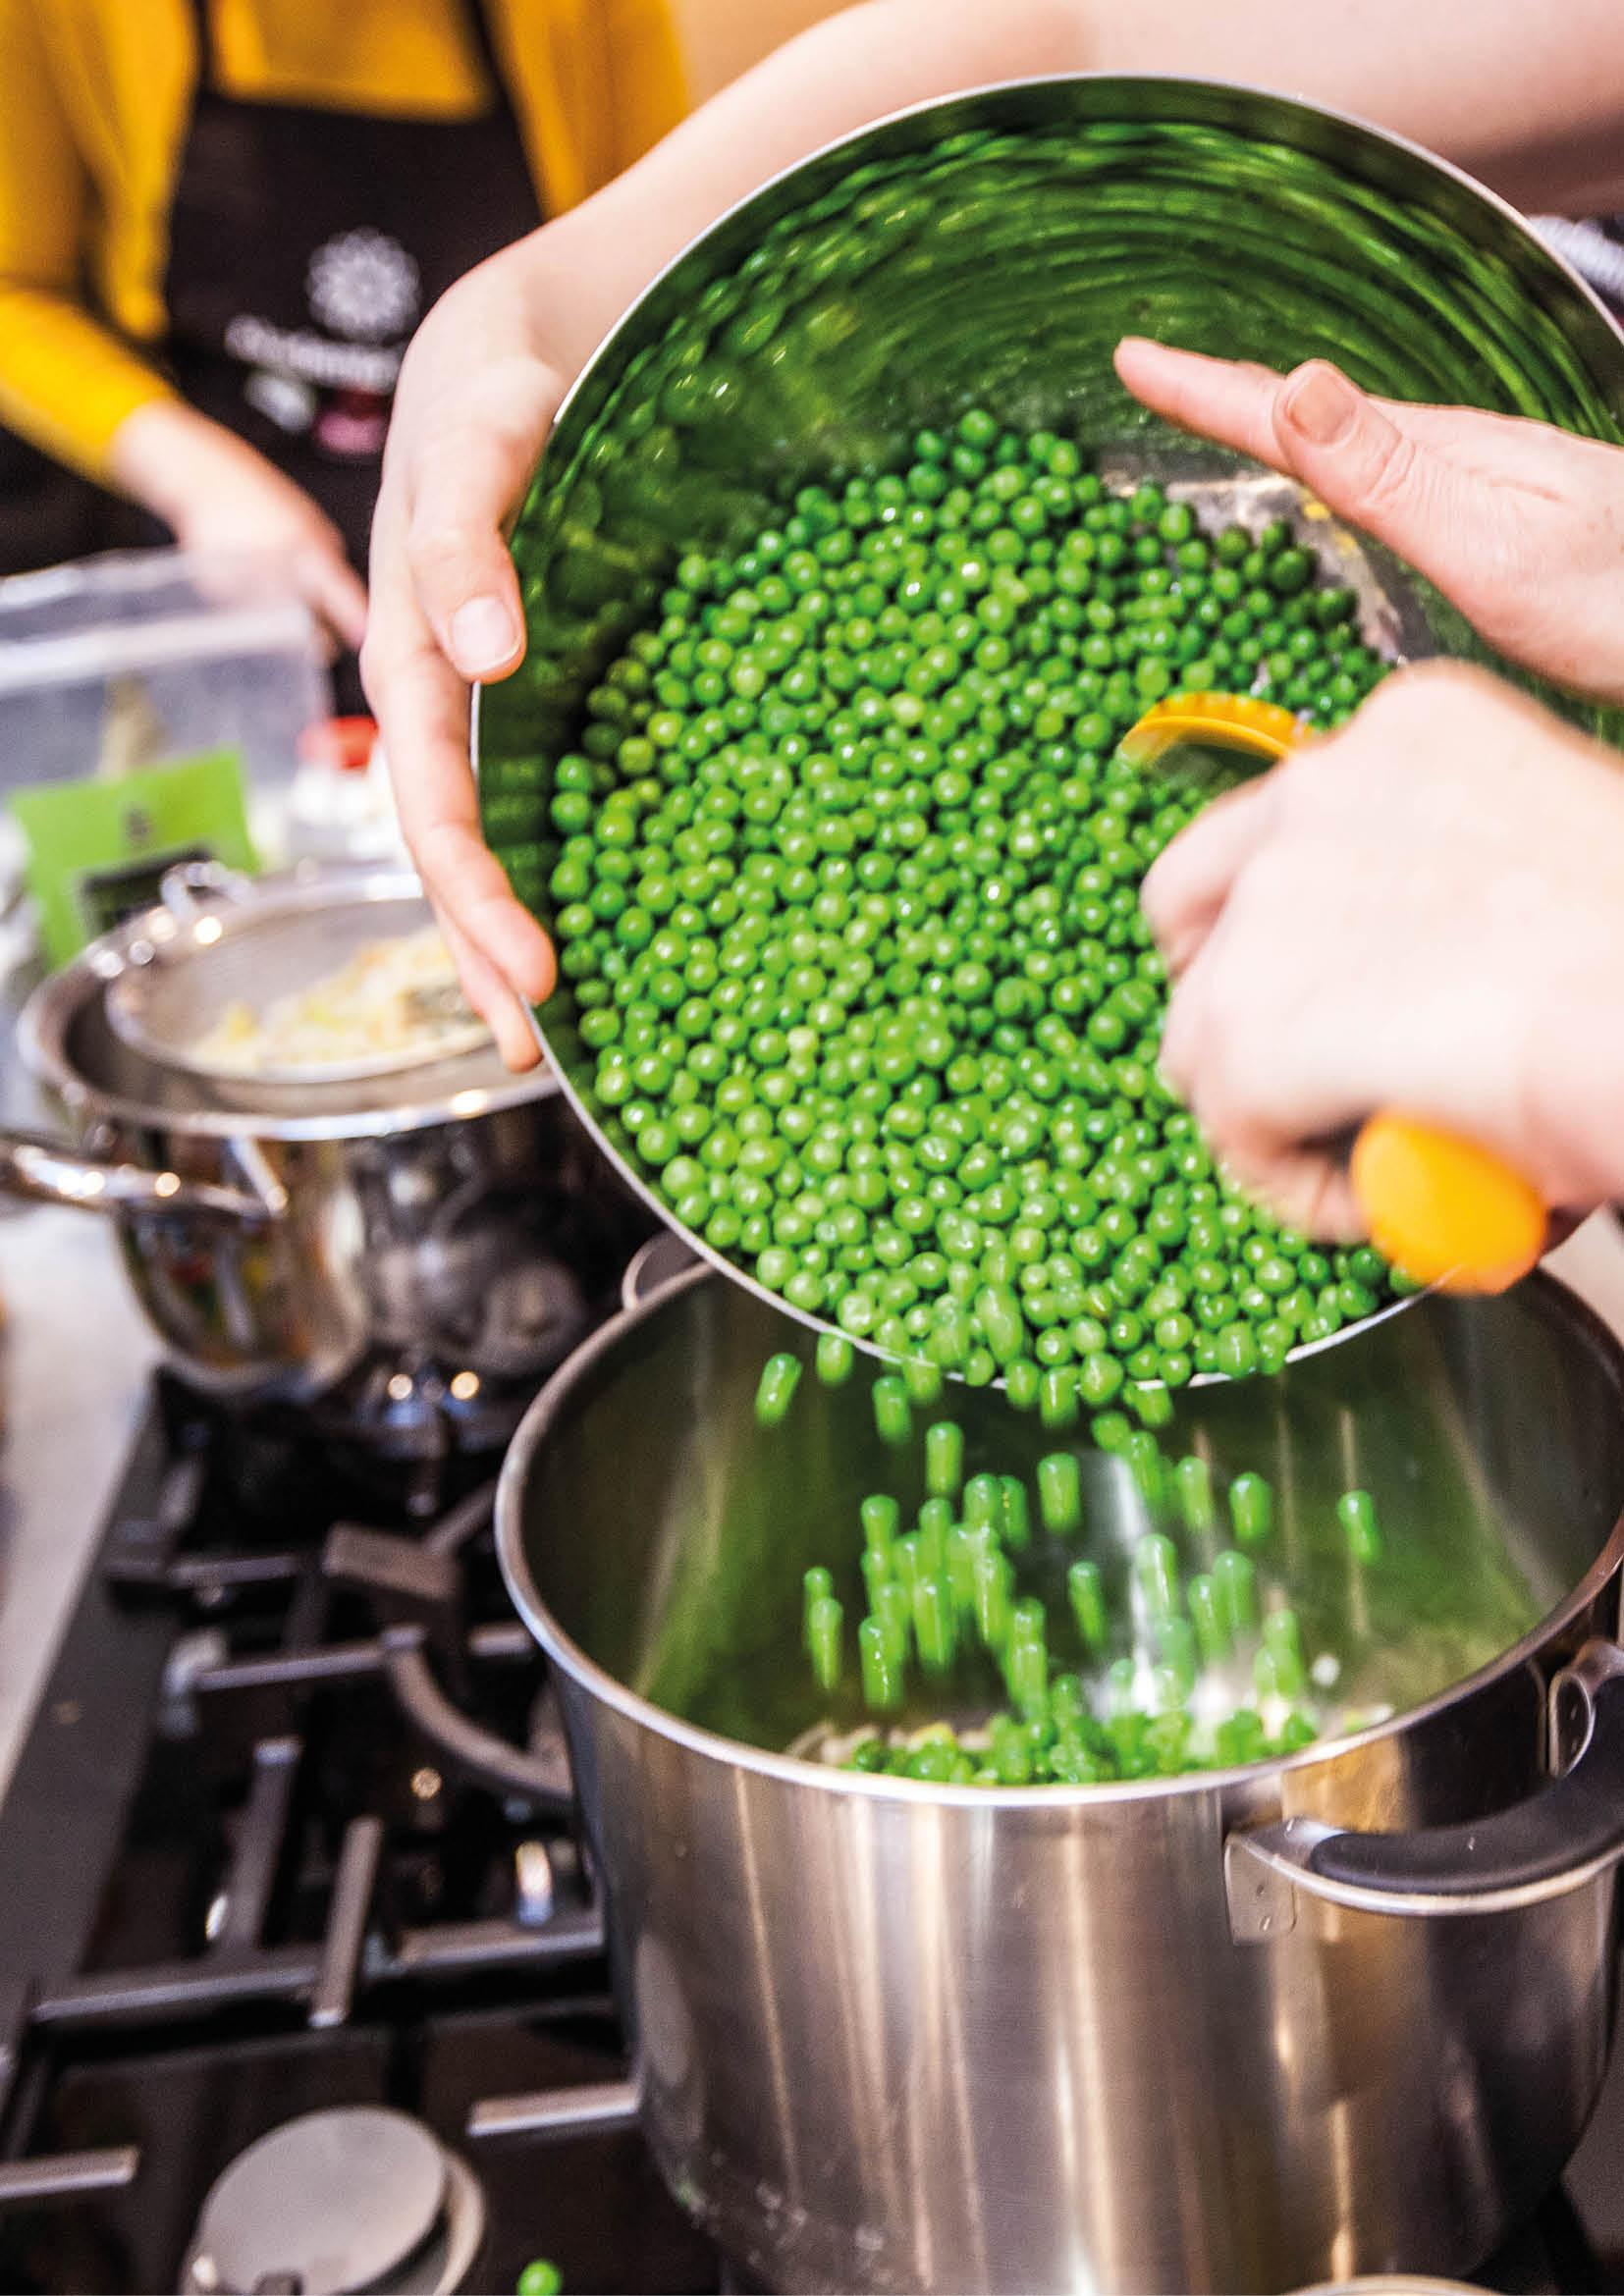 Kuchnia w parze ze zdrowiem - Strona 8